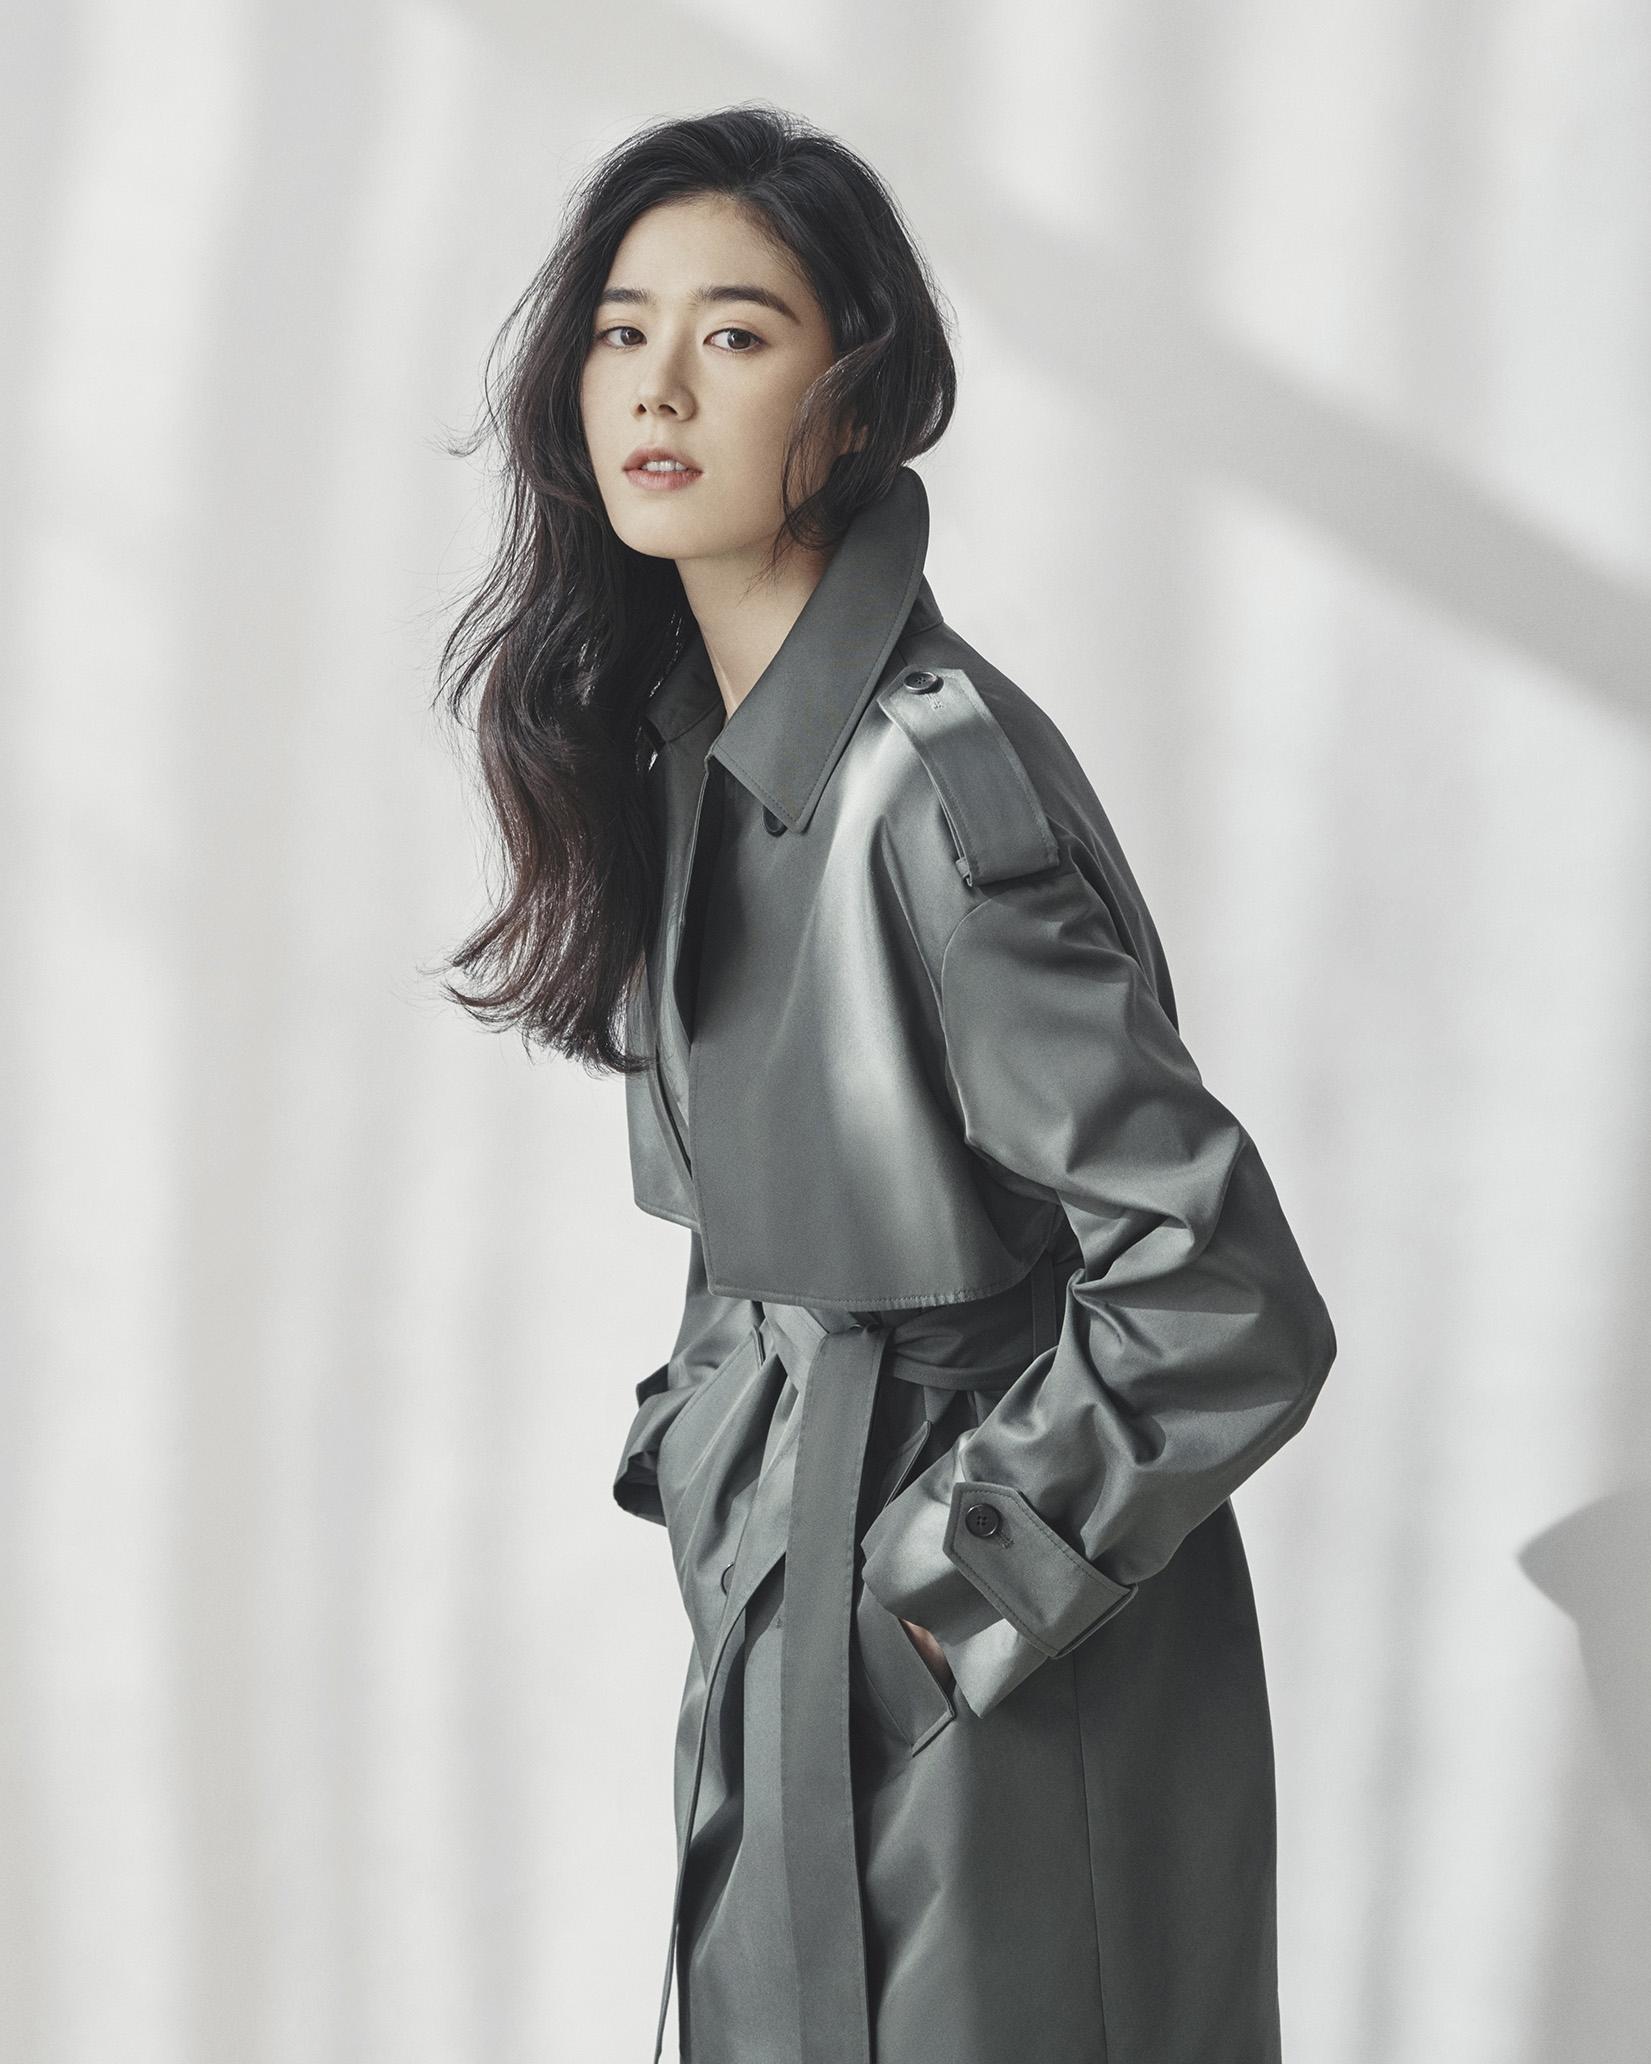 정은채 구호 2019 봄 시즌 화보